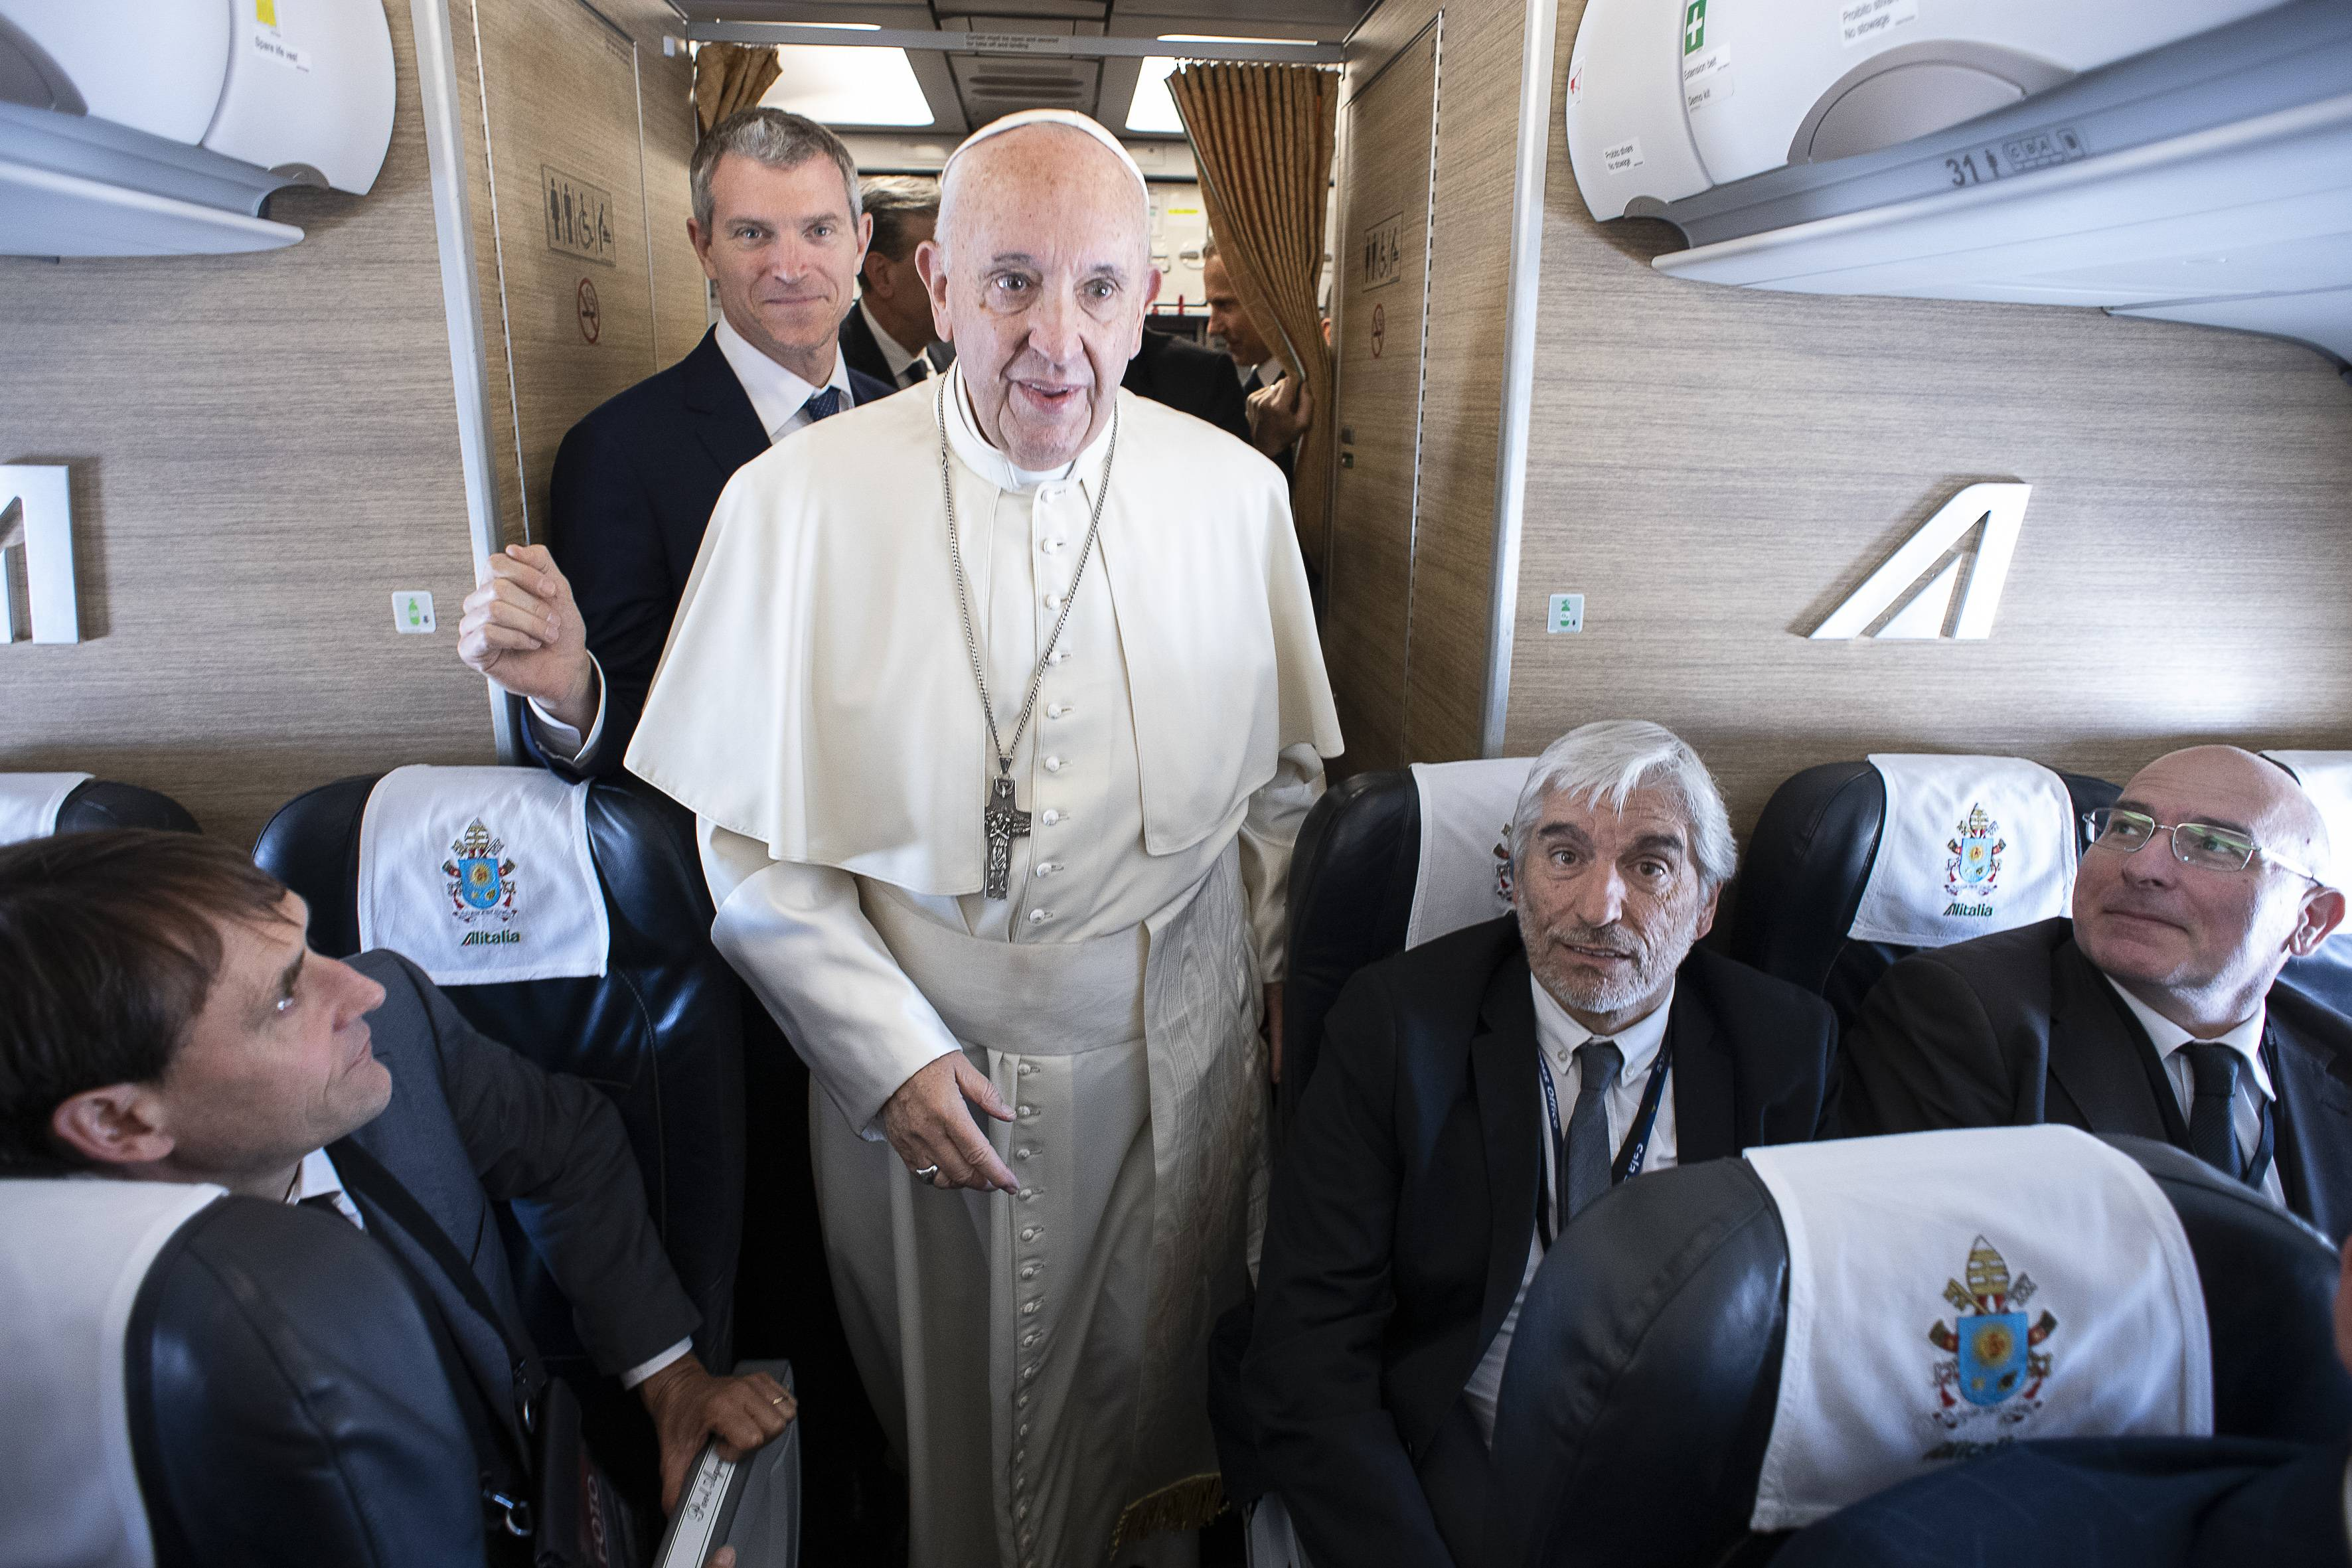 Matteo Bruni acompaña al Papa en uno de sus viajes internacionales © Vatican Media